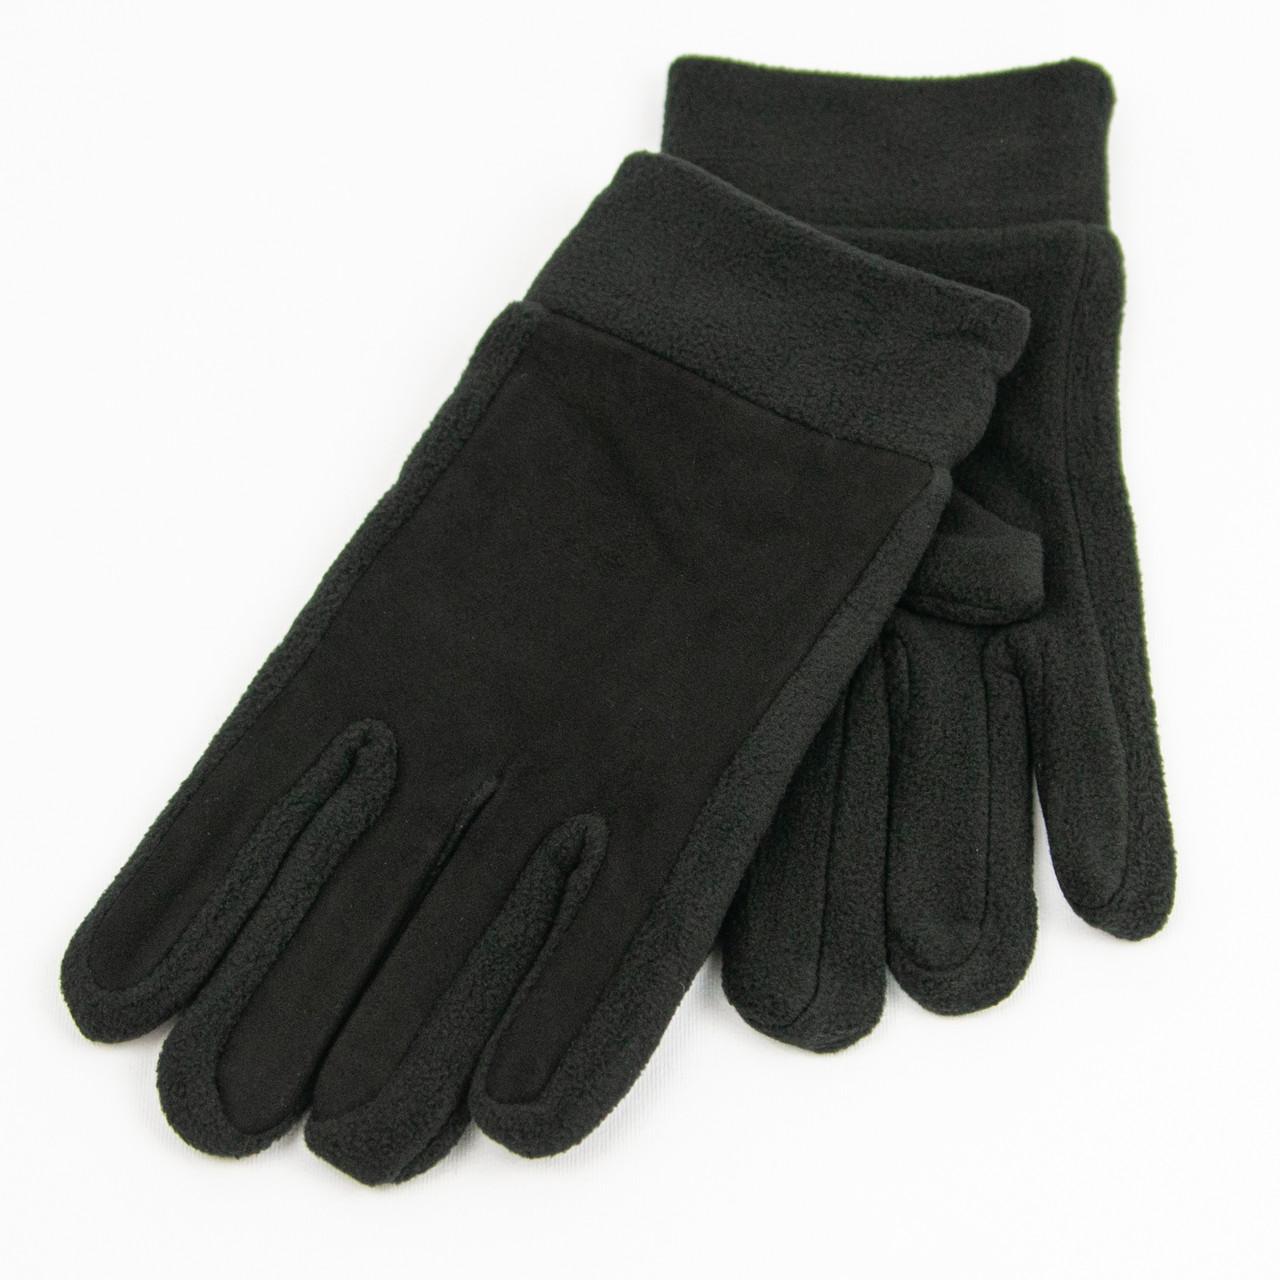 Оптом мужские спортивные флисовые перчатки со вставкой из замши для сенсорных телефонов (арт. 21-4-5) Черный